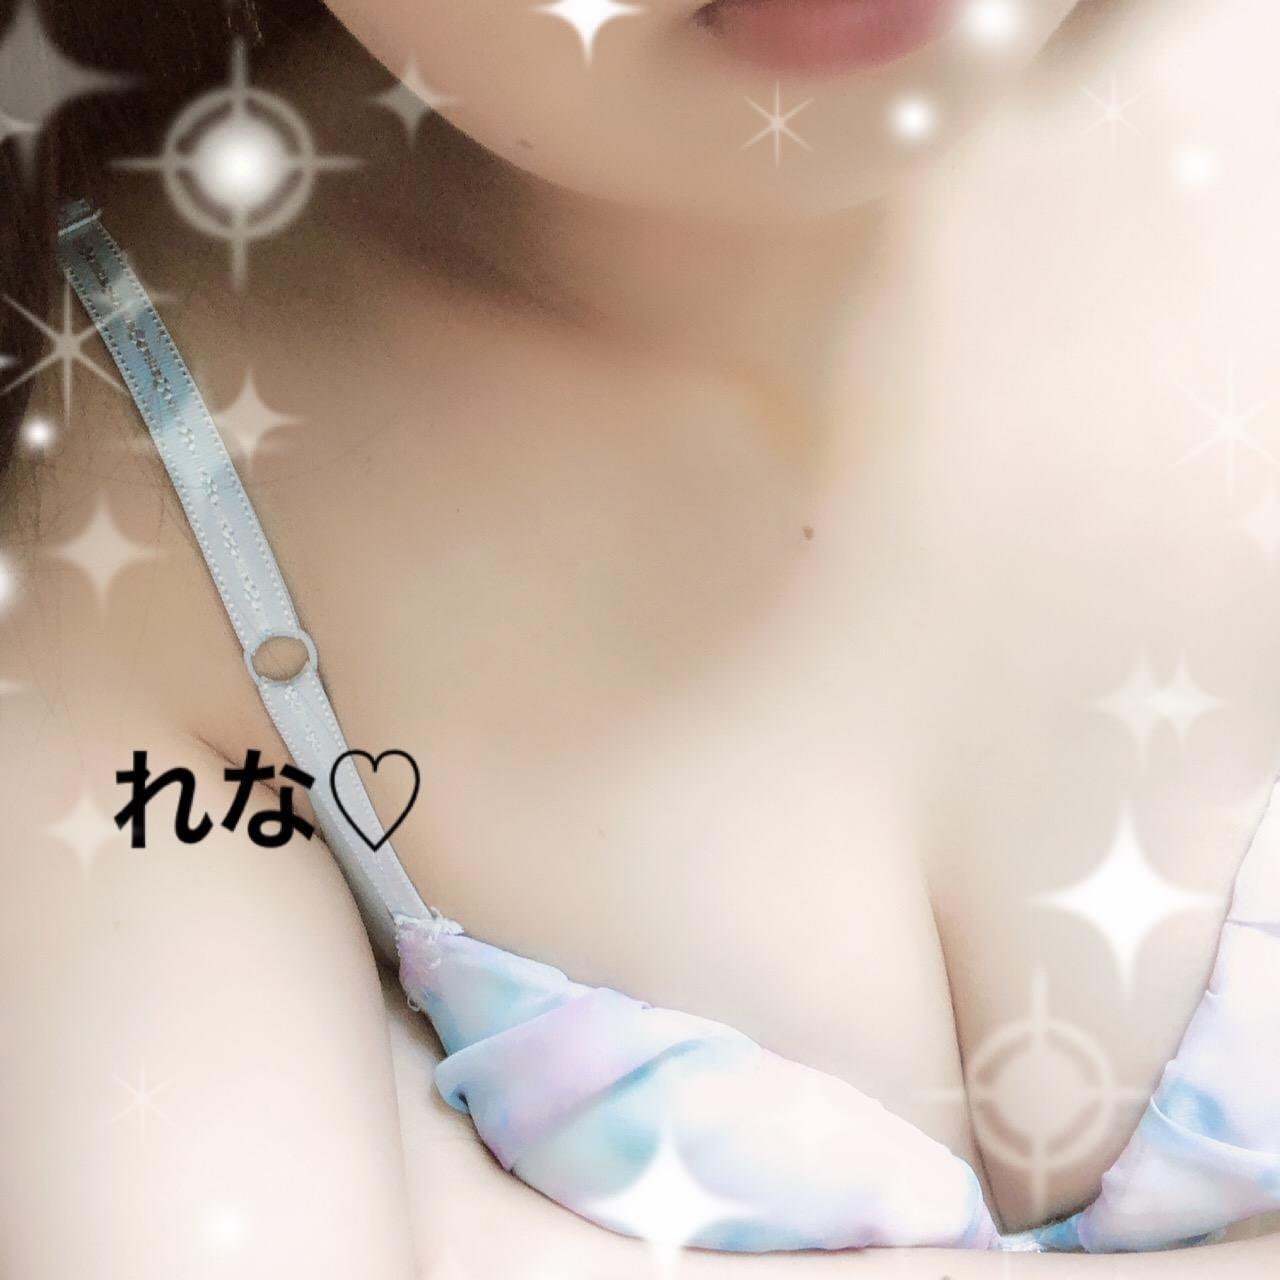 「しゅっきんしてます!」07/22(07/22) 19:35 | れなの写メ・風俗動画